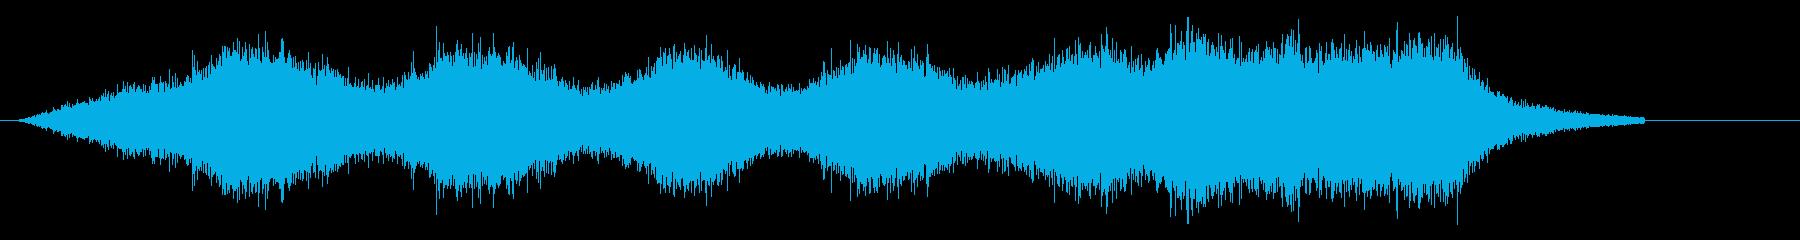 コードレス掃除機を使用する音の再生済みの波形